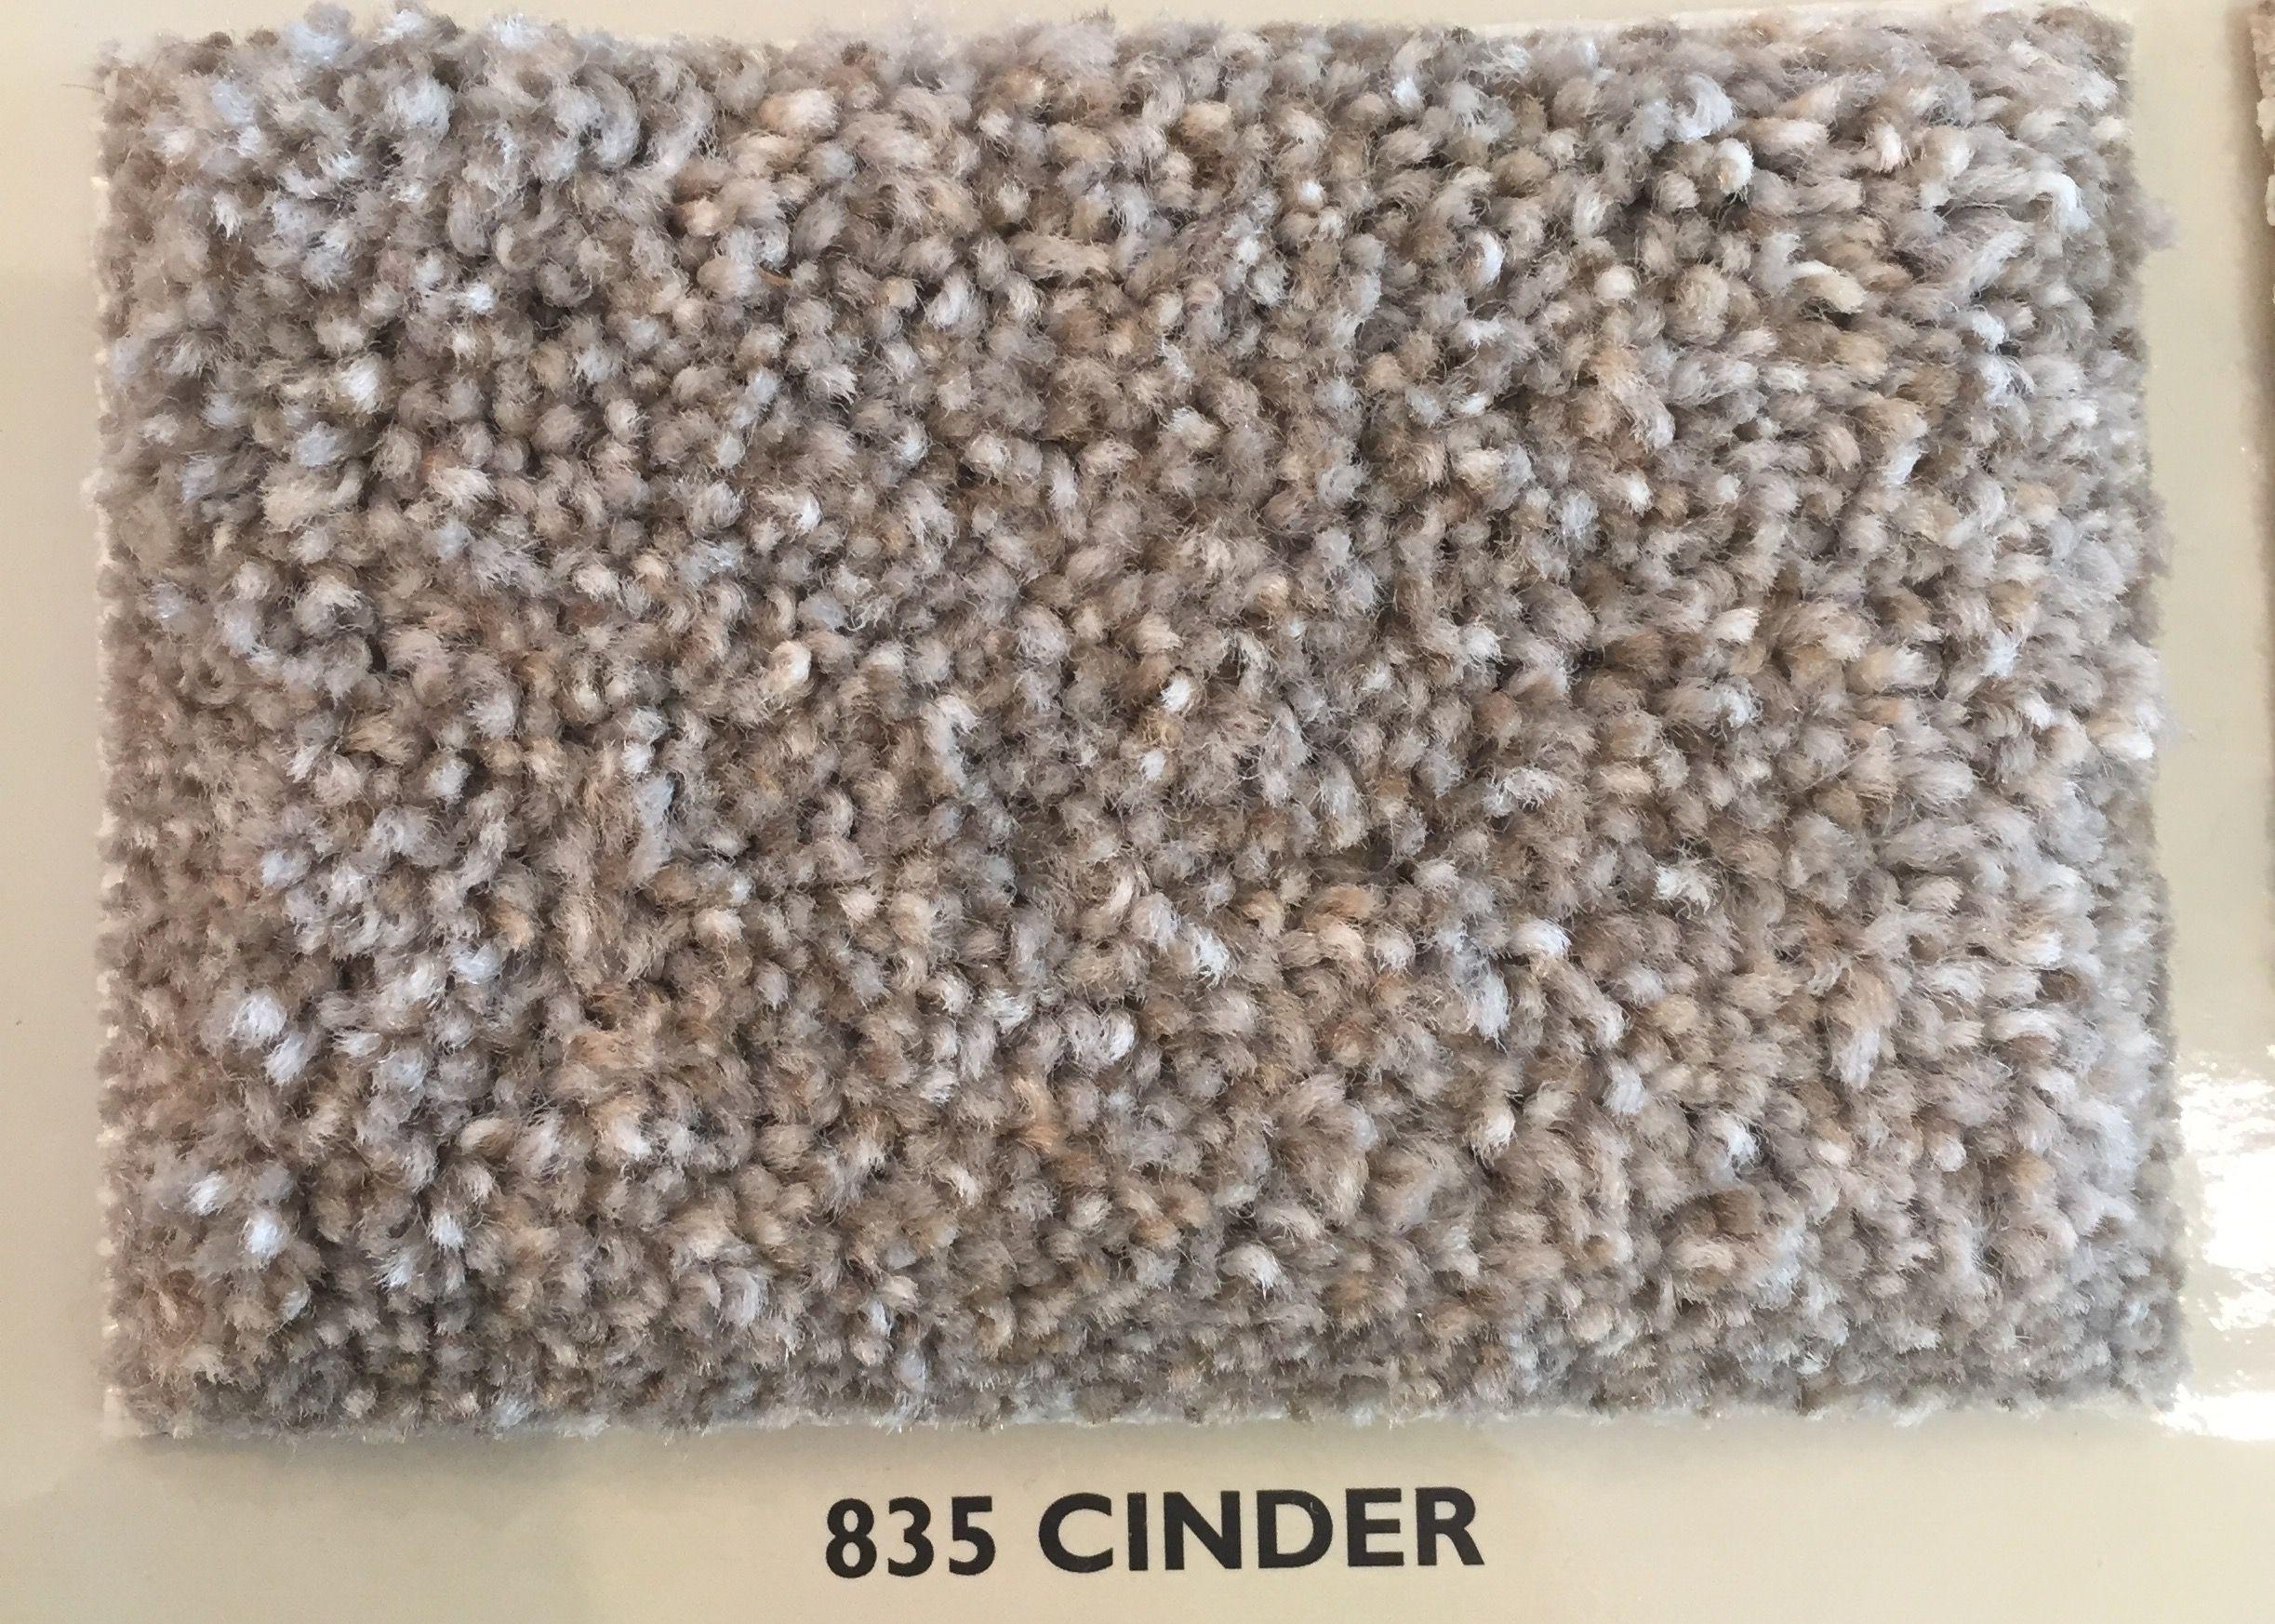 Master Bedroom Carpet Dwellings Dw312 Kensington 835 Cinder How To Dry Basil Bedroom Carpet Cinder